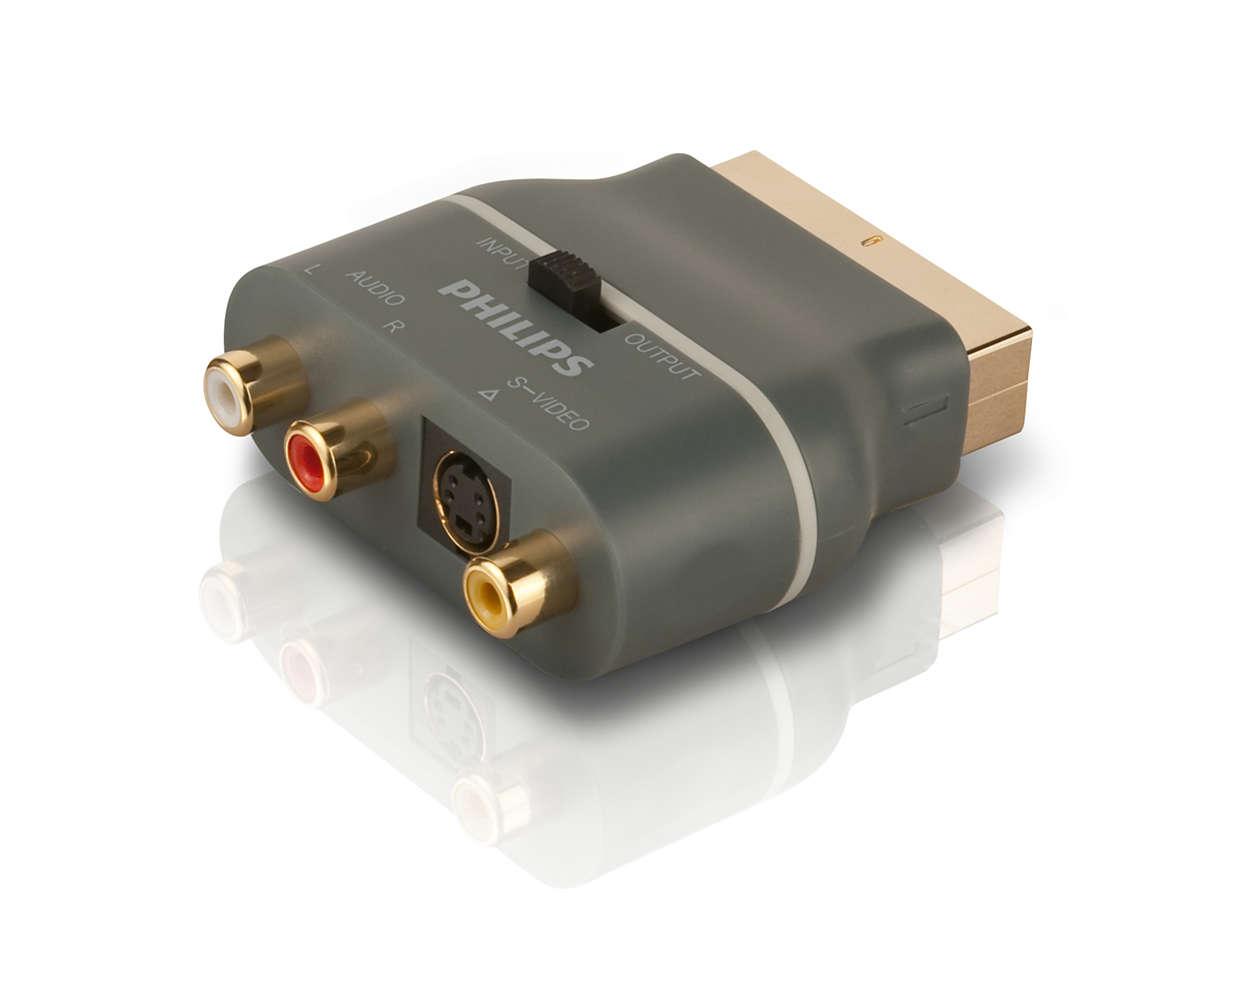 Immagini e audio di qualità superiore